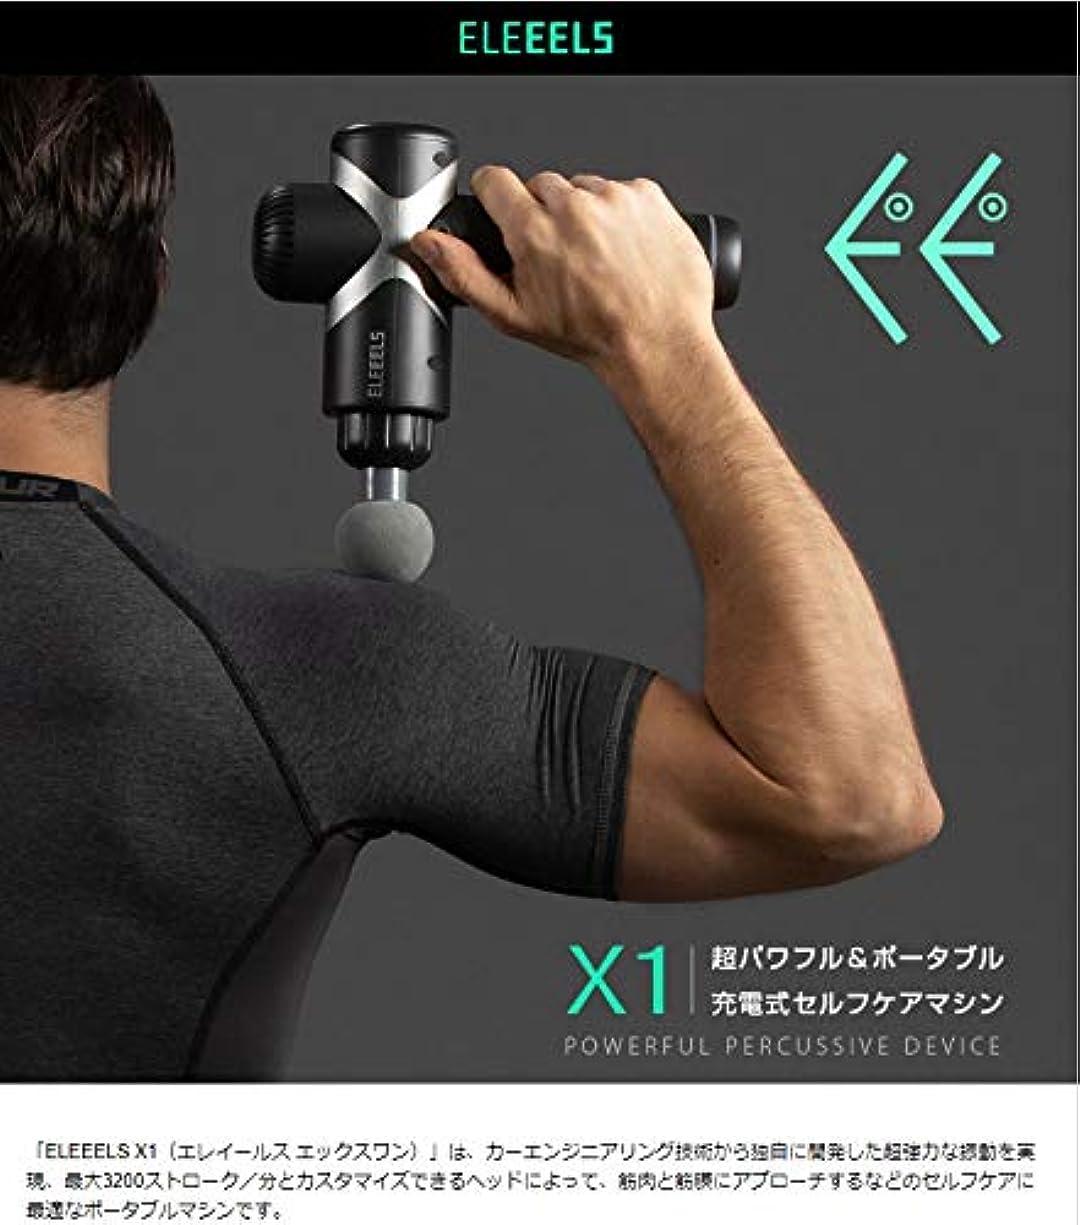 干渉ビートマウント<国内正規品>ポータブル 充電式セルフケアマシン エレイールス X1 日本製の高速ブラシレスモーターを採用 ELE16285